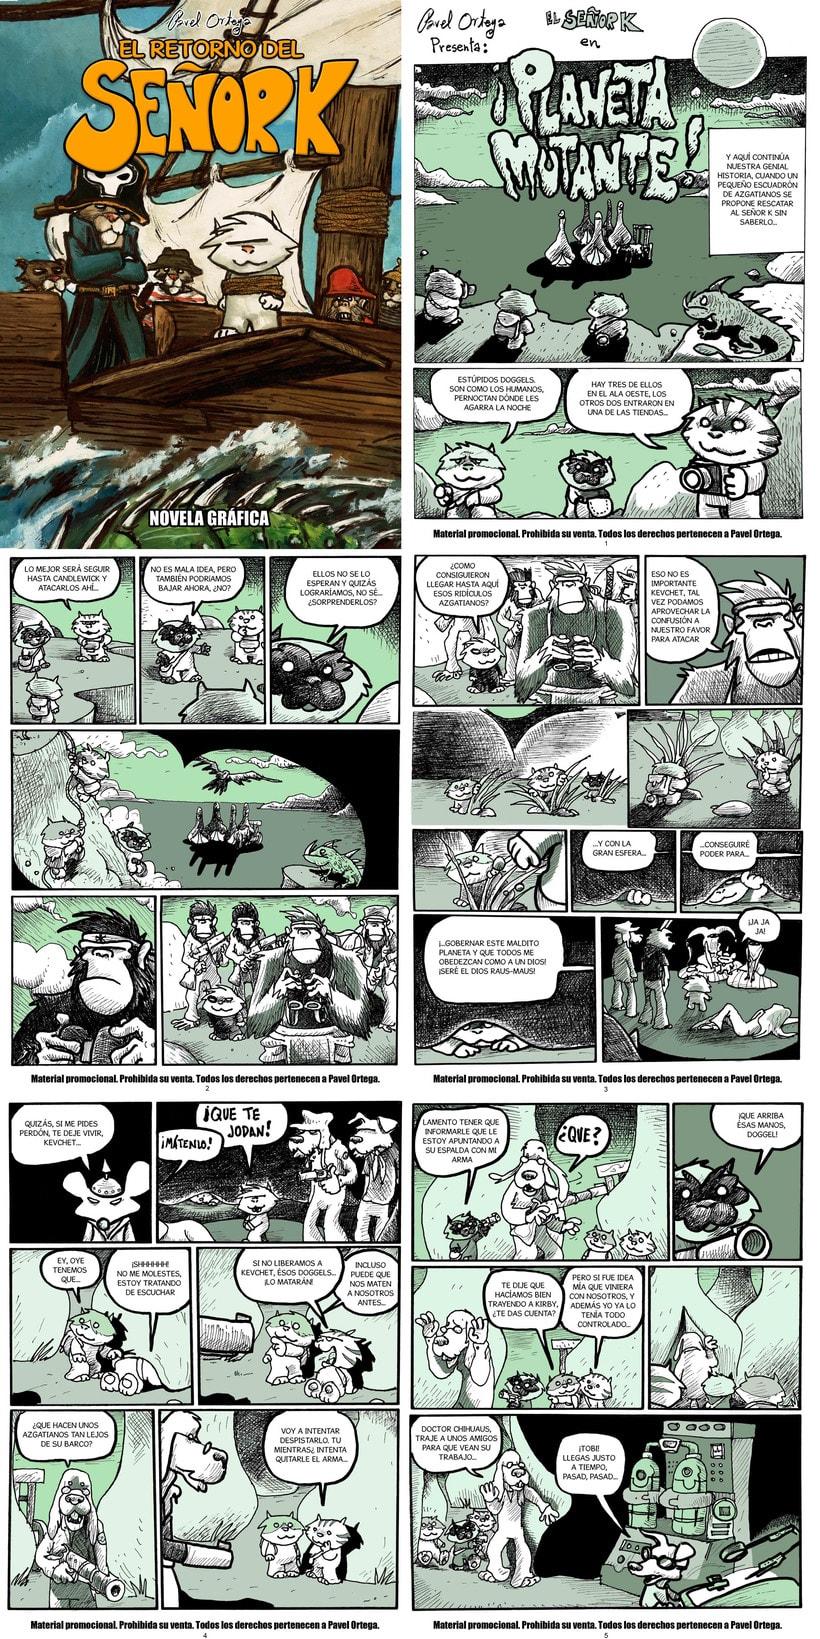 Maquetador y rotulista del cómic EL RETORNO DEL SEÑOR K 1